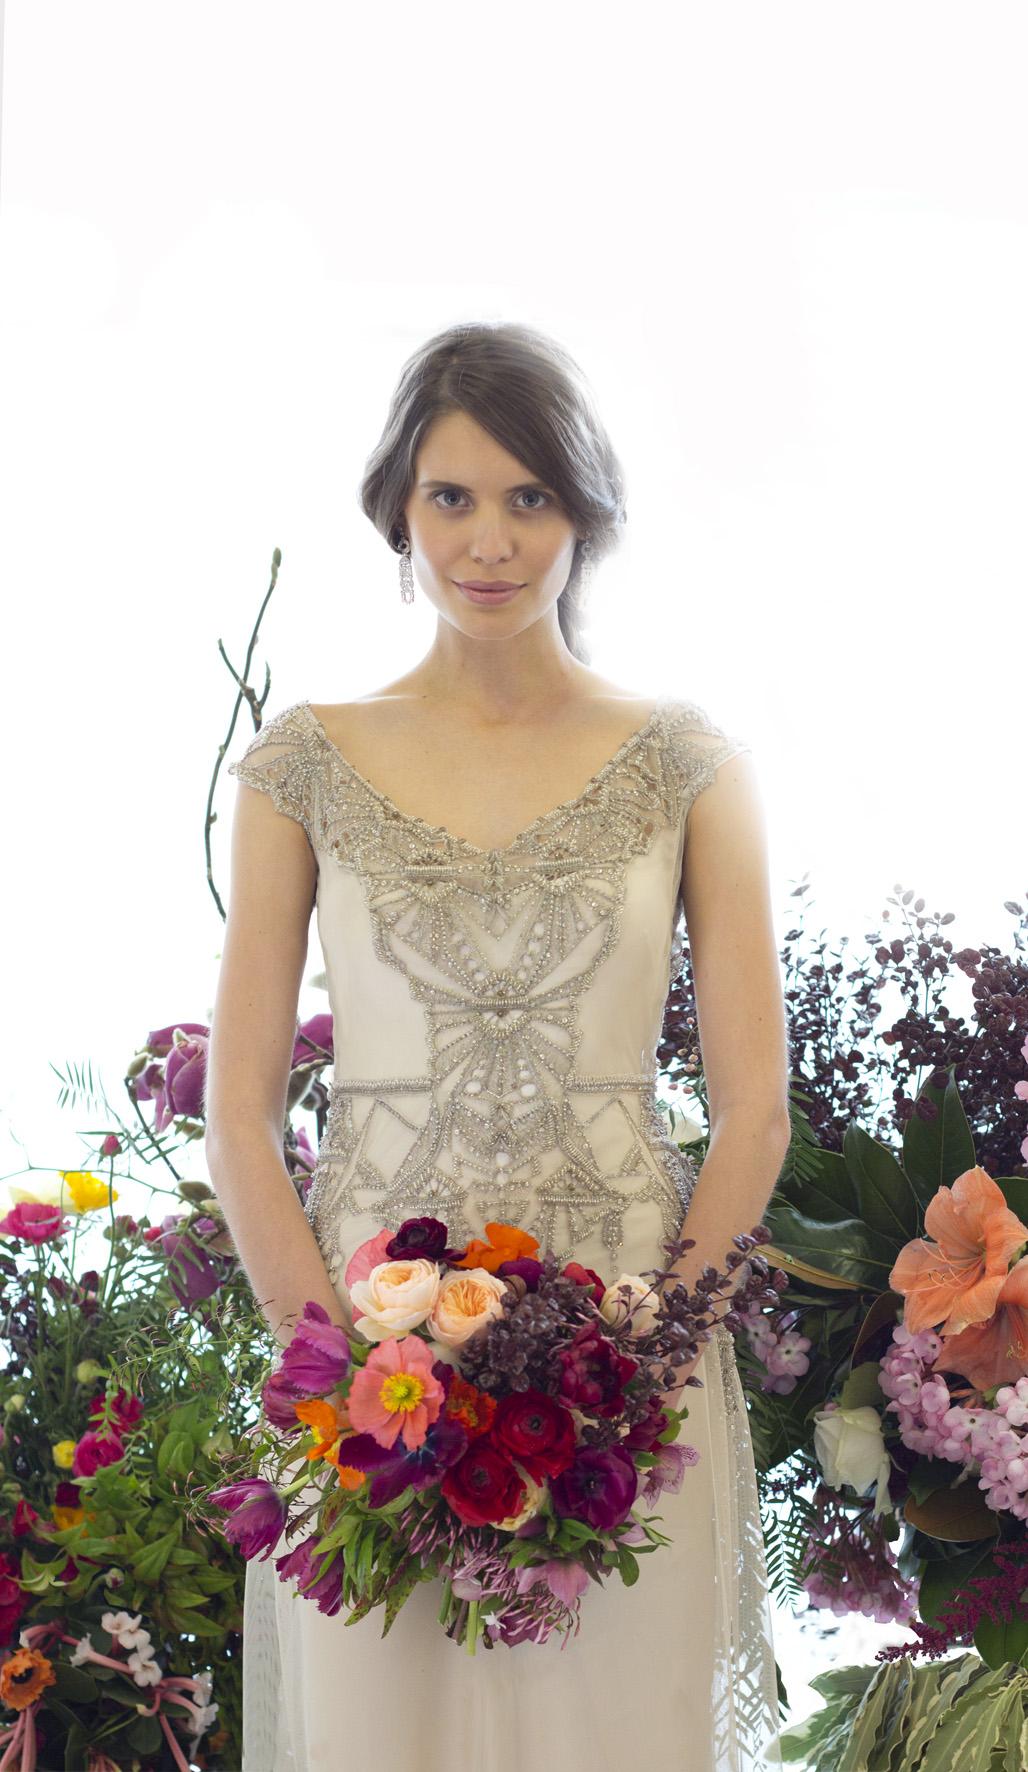 300 DPI  15cm  Gwendolynne Elke Wedding Dress Front with Bouquet Back.jpg